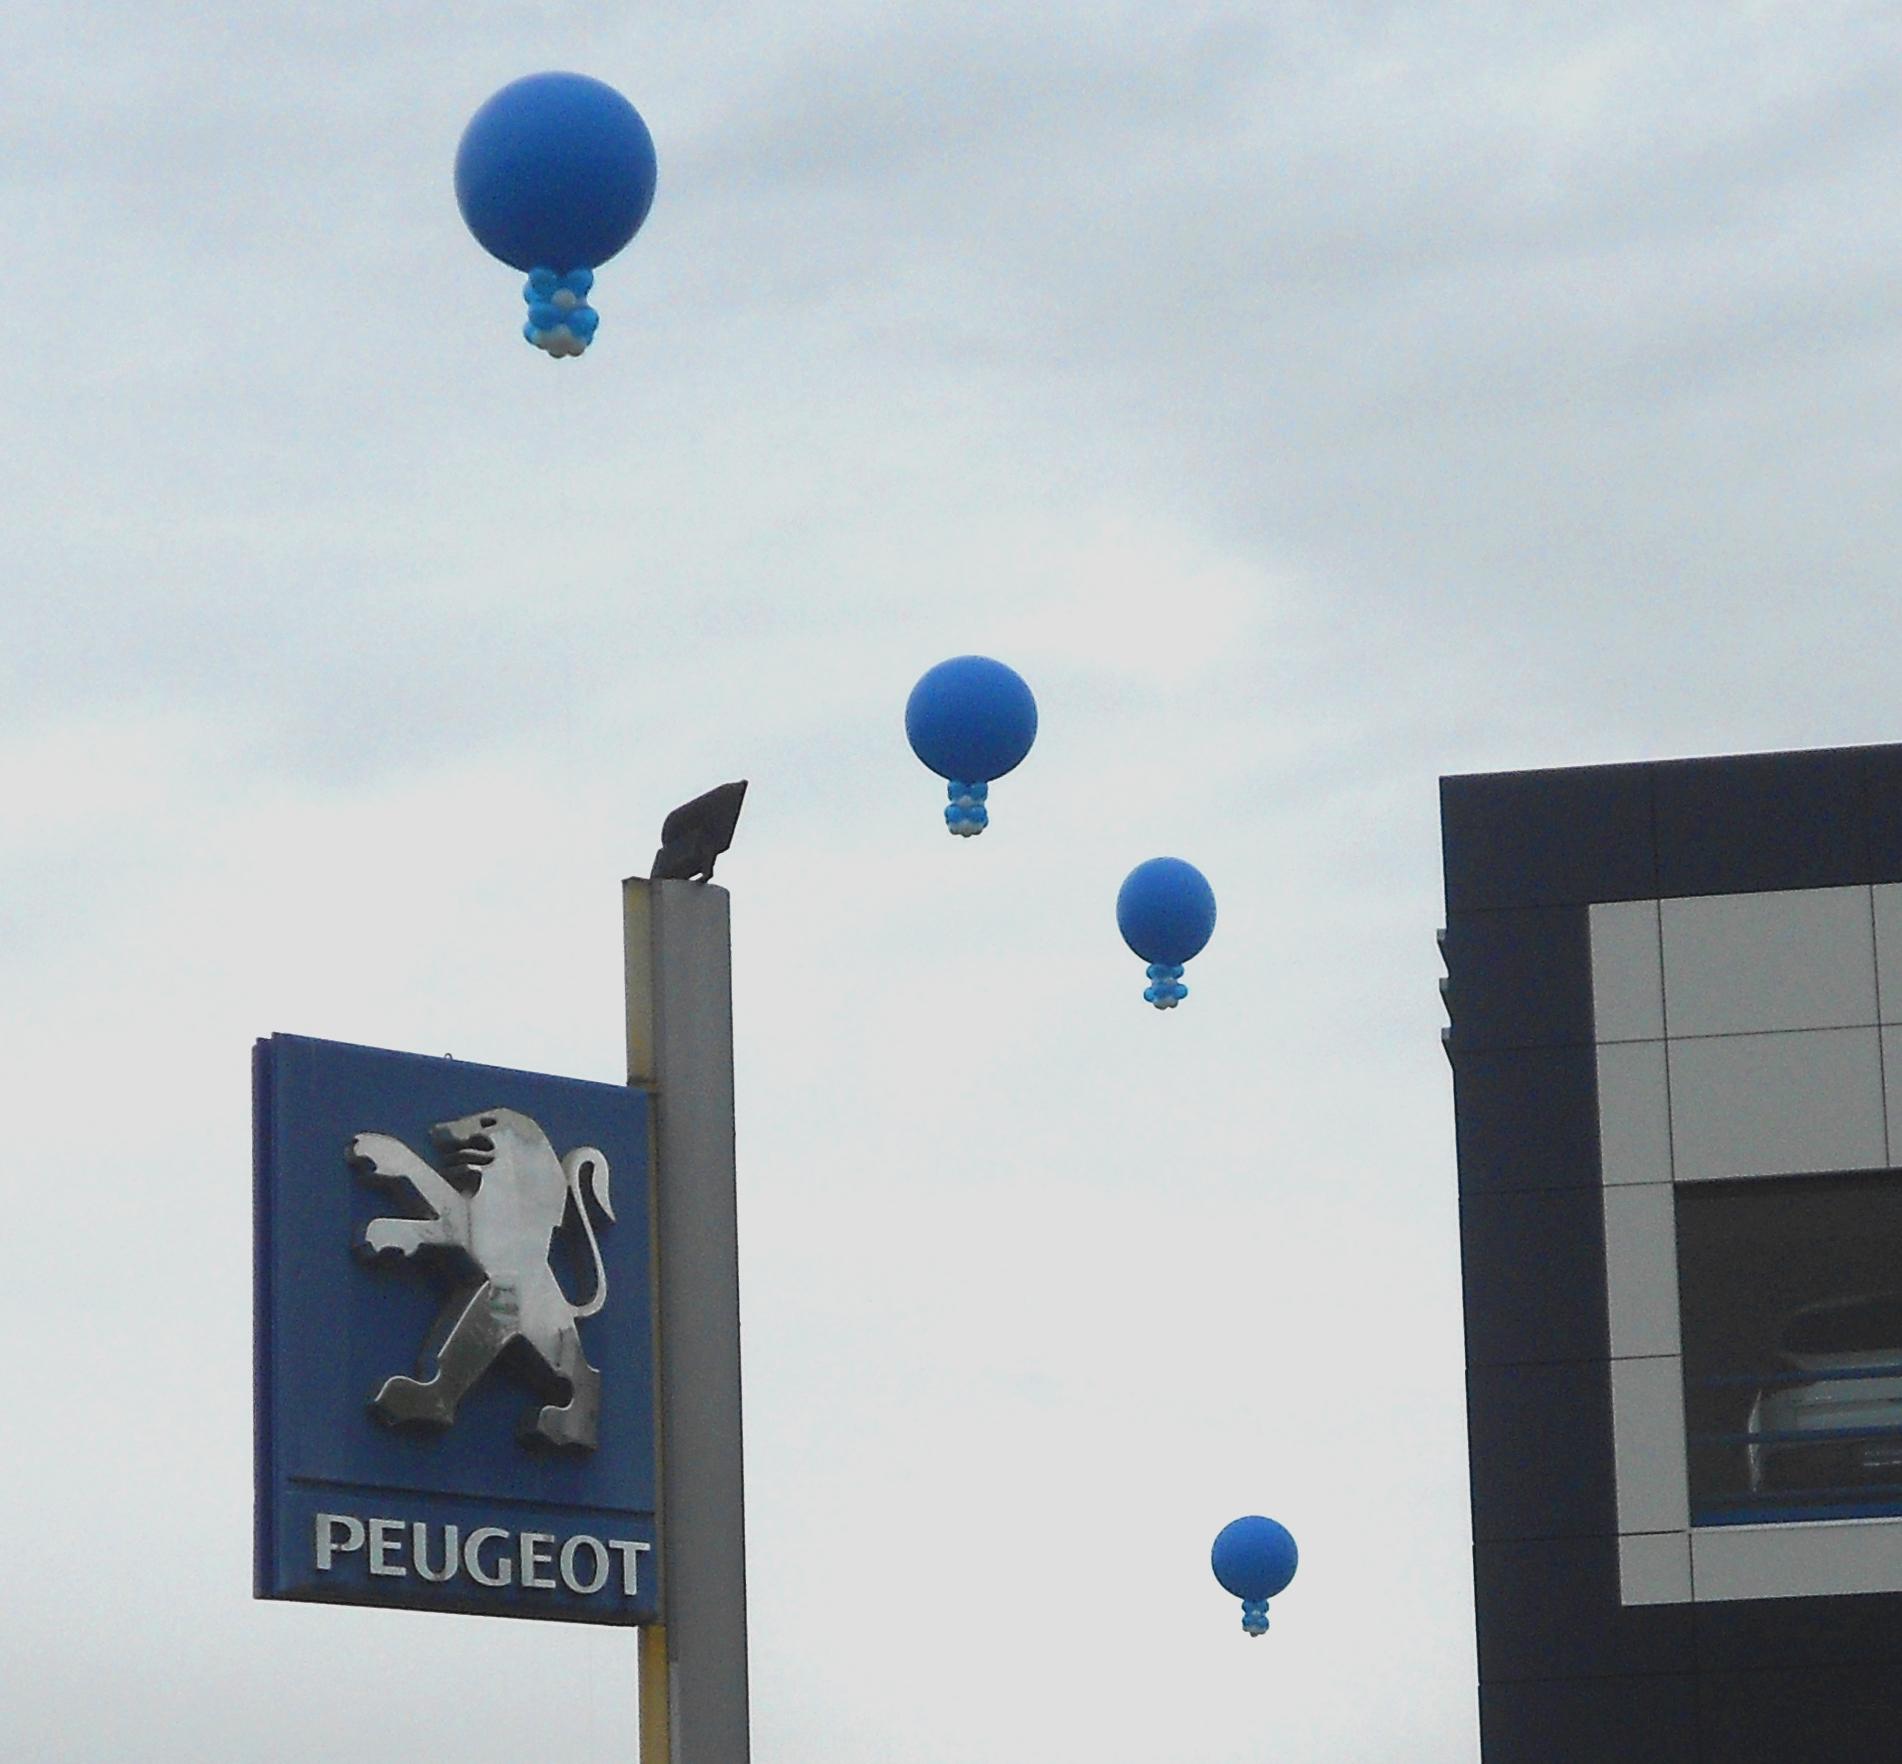 La concessionaria Peugeot a Pordenone, lancia con i palloncini con il logo la nuova auto Peugeot 208.